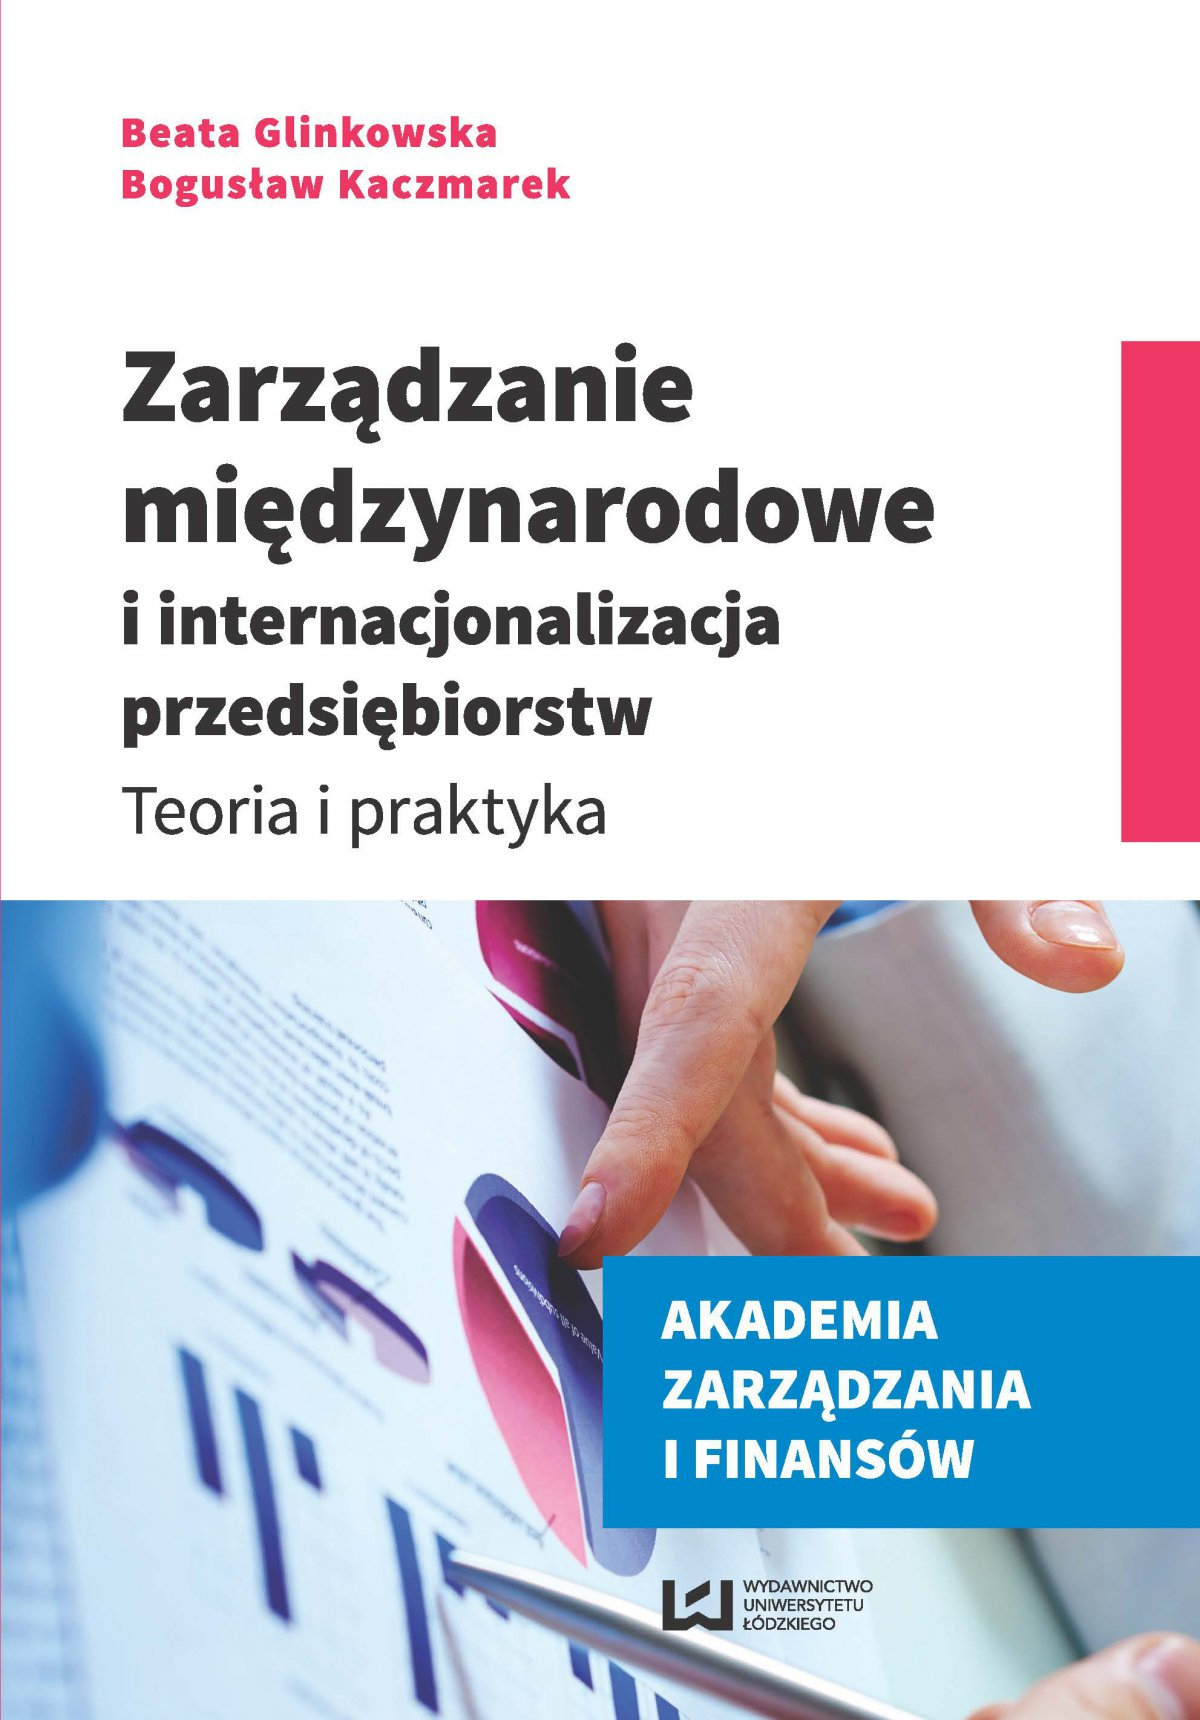 Zarządzanie międzynarodowe i internacjonalizacja przedsiębiorstw. Teoria i praktyka - Ebook (Książka PDF) do pobrania w formacie PDF